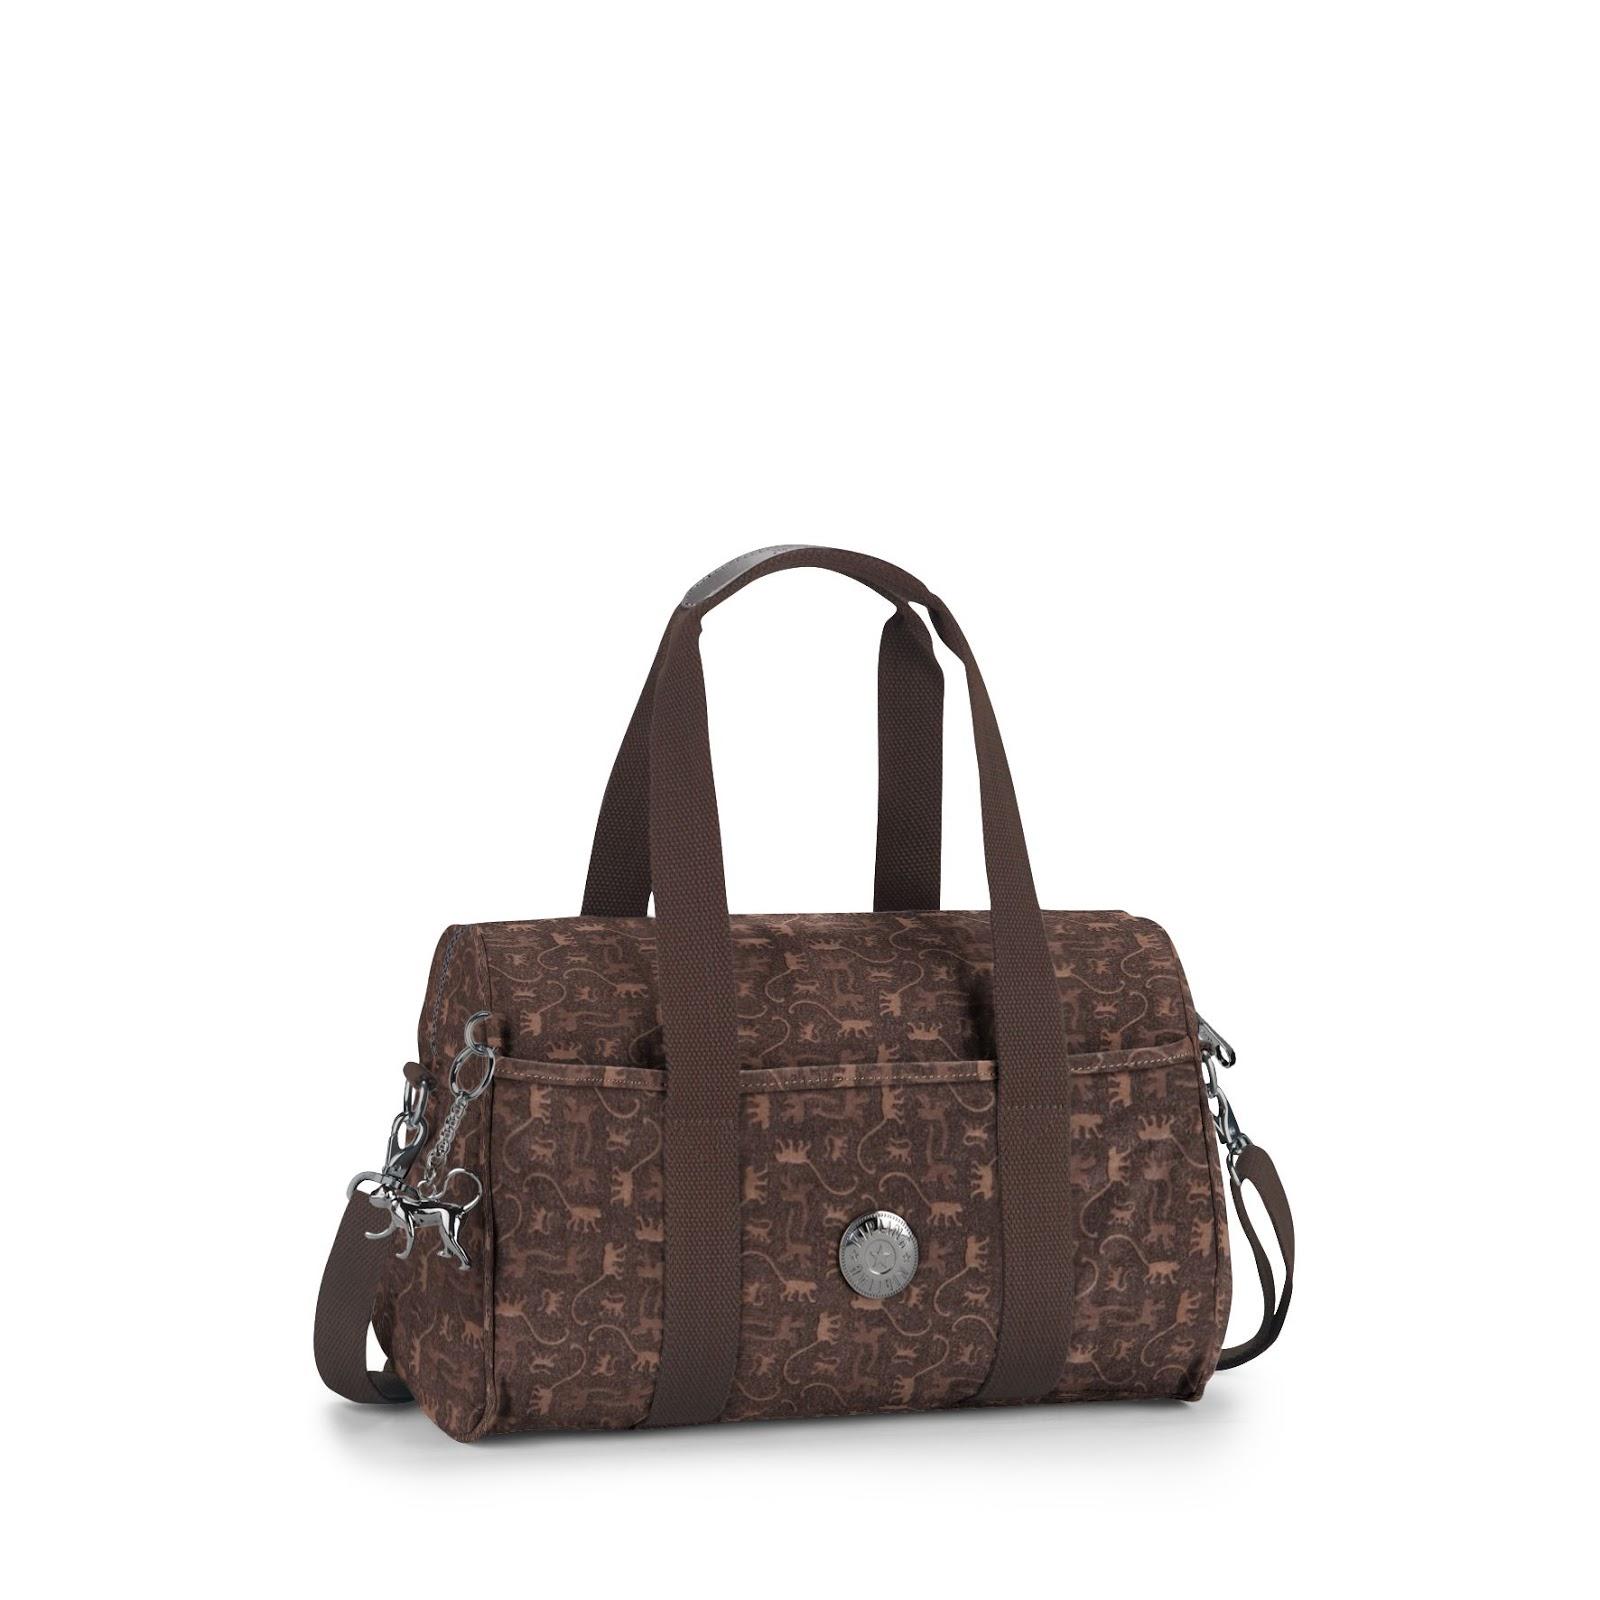 Image Result For Kipling Bags Uk